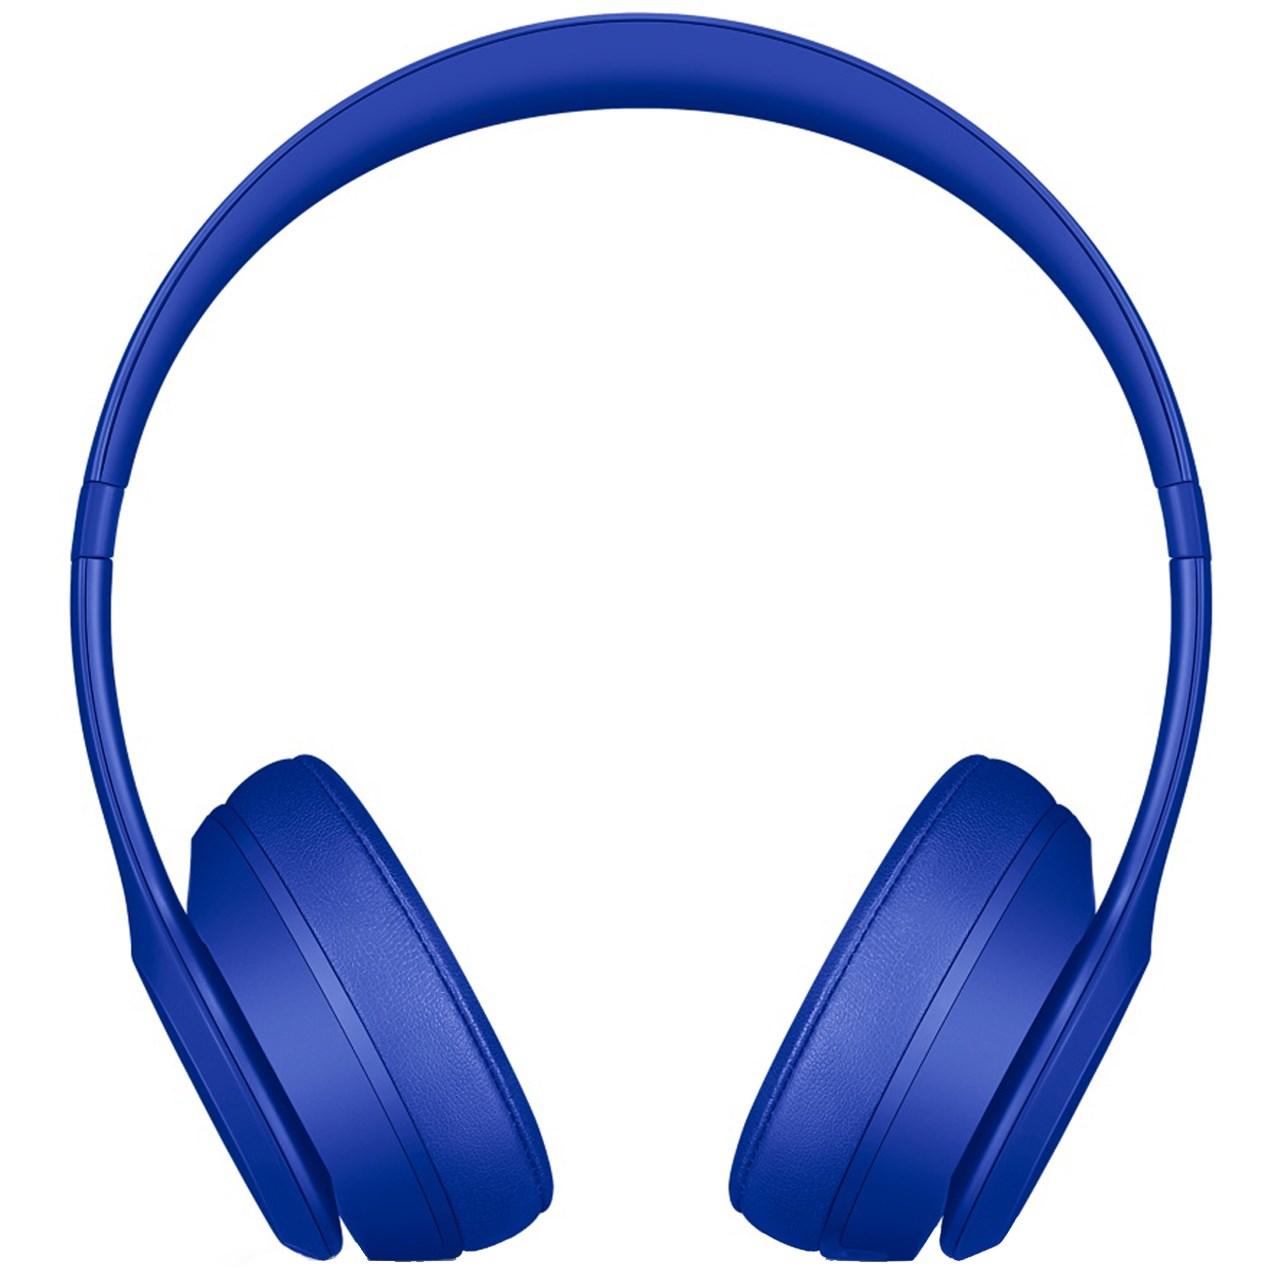 هدفون بی سیم بیتس مدل Solo3 Neighborhood Collection | Beats Solo3 Neighborhood Collection Wireless Headphones